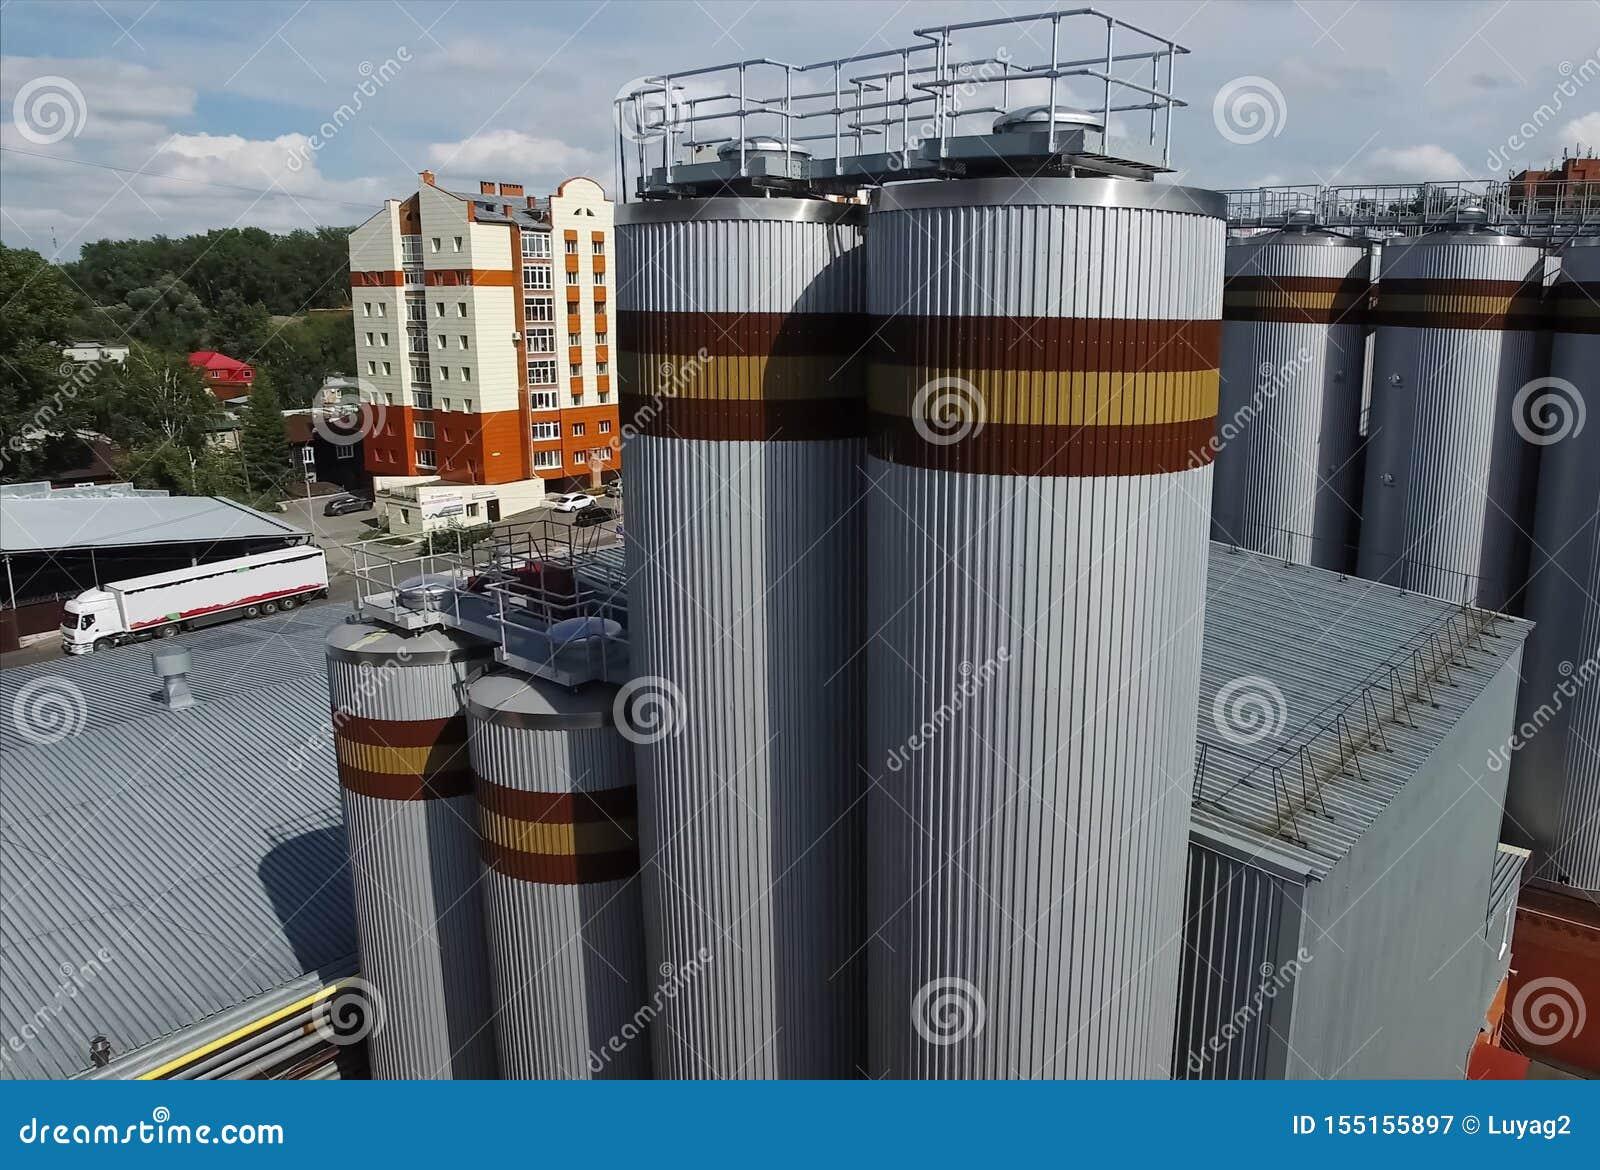 Brauerei, Fässer und Zisternen der Fabrik außerhalb der Ansicht